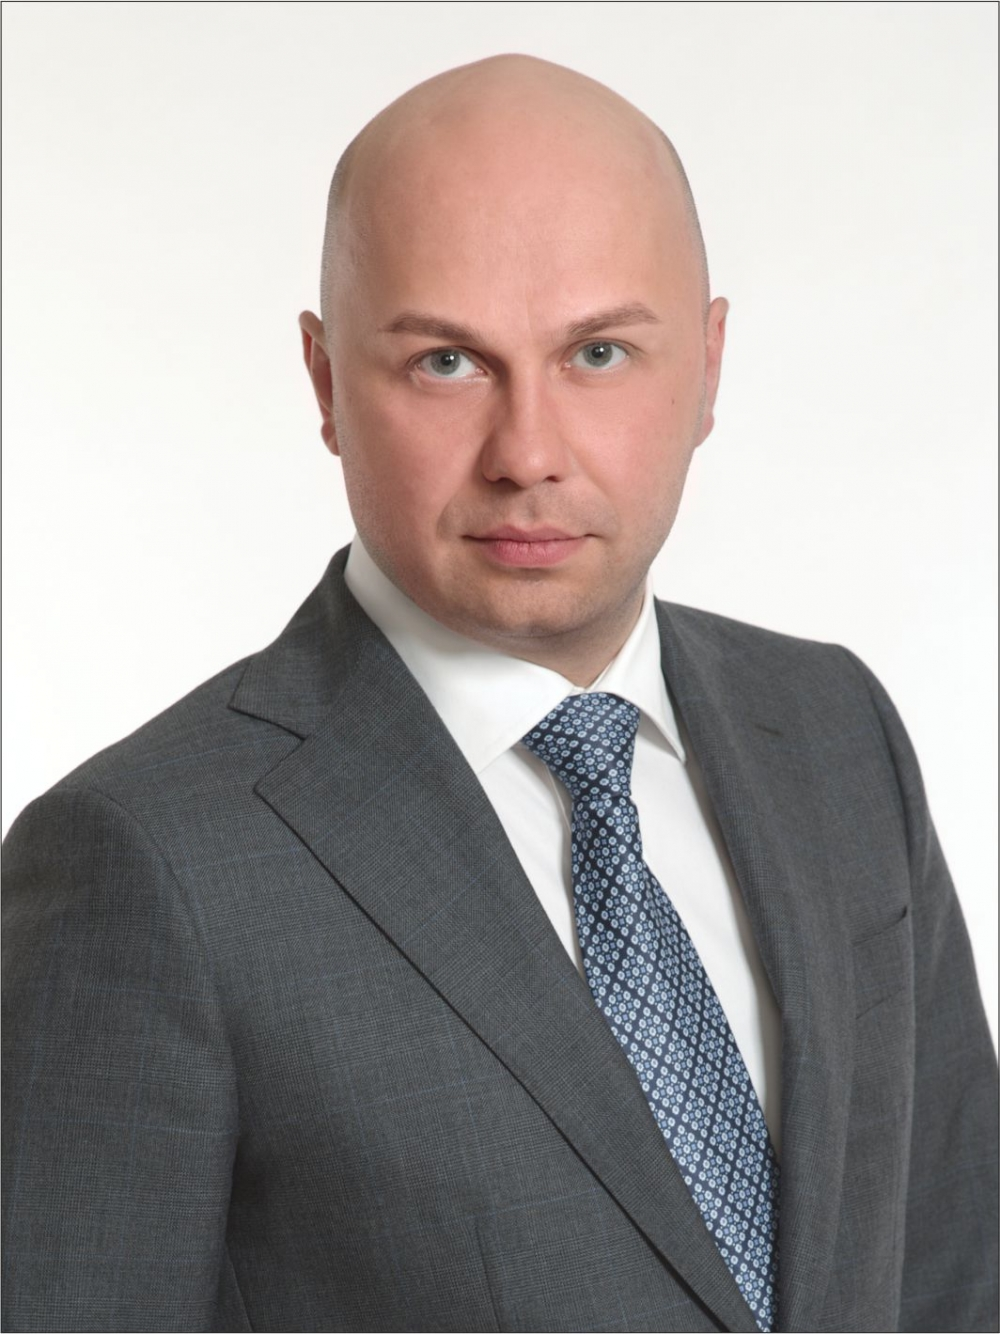 Депутат Екатеринбургской городской думы VI созыва Антон Швалев.